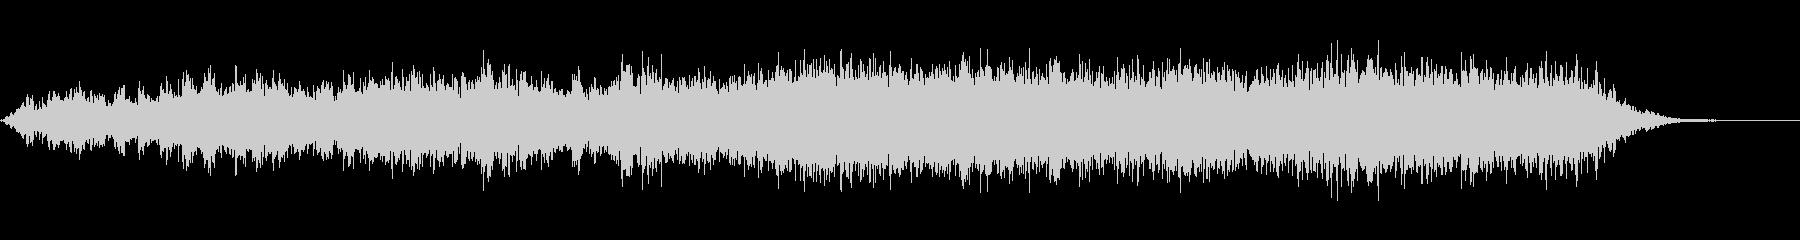 不安にさせる持続音60secの未再生の波形